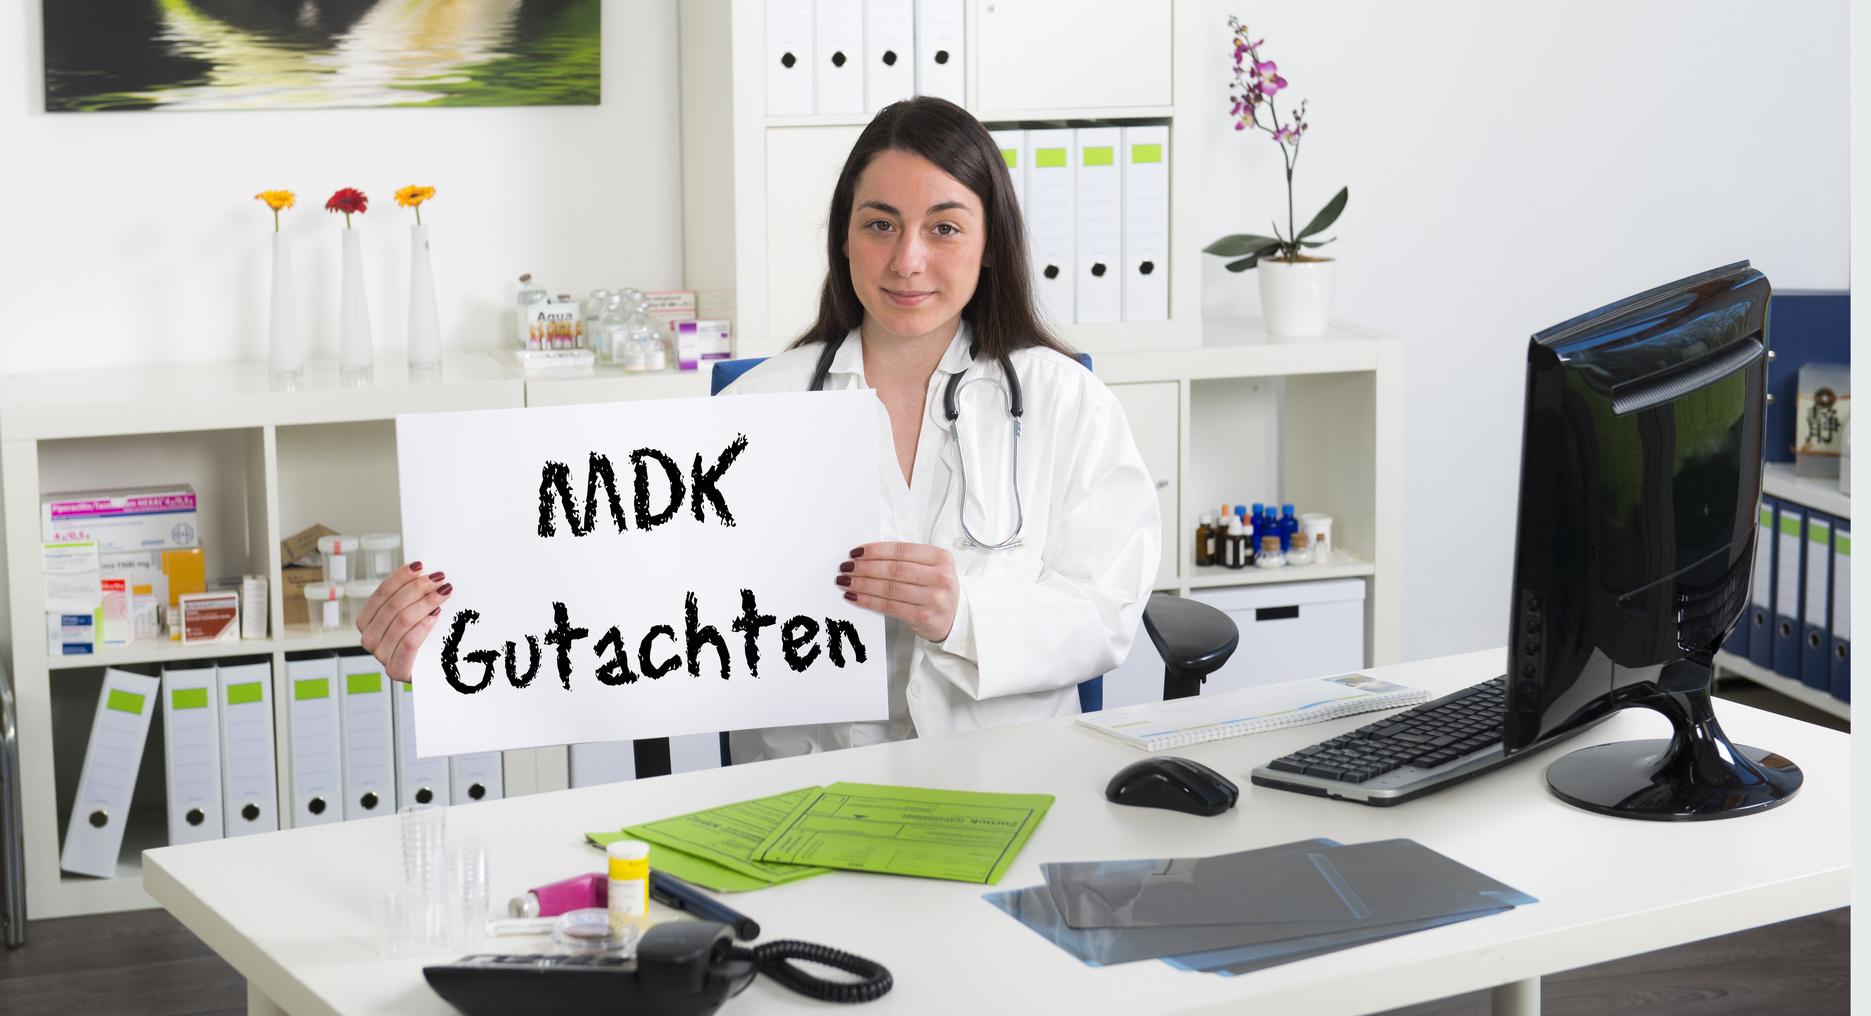 Spontanheilung Der Mdk Schreibt Gesund Dgb Rechtsschutz Gmbh